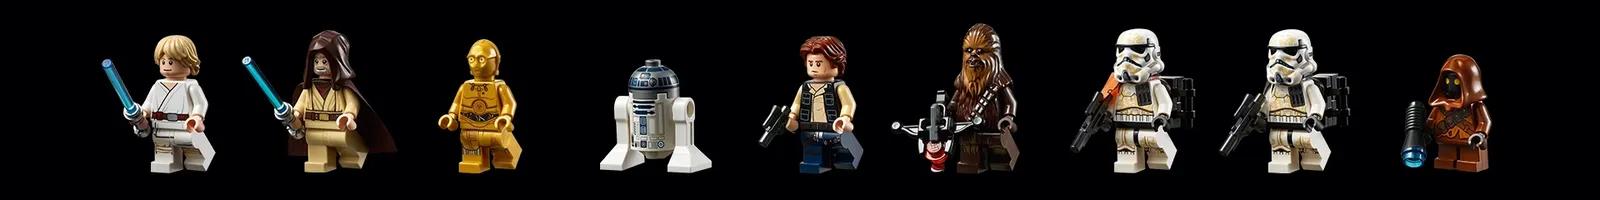 Incluindo Luke, Obi-Wan, Han, Chewie e os droids C3-PO e RD-D2 (Fonte: LEGO/Divulgação)